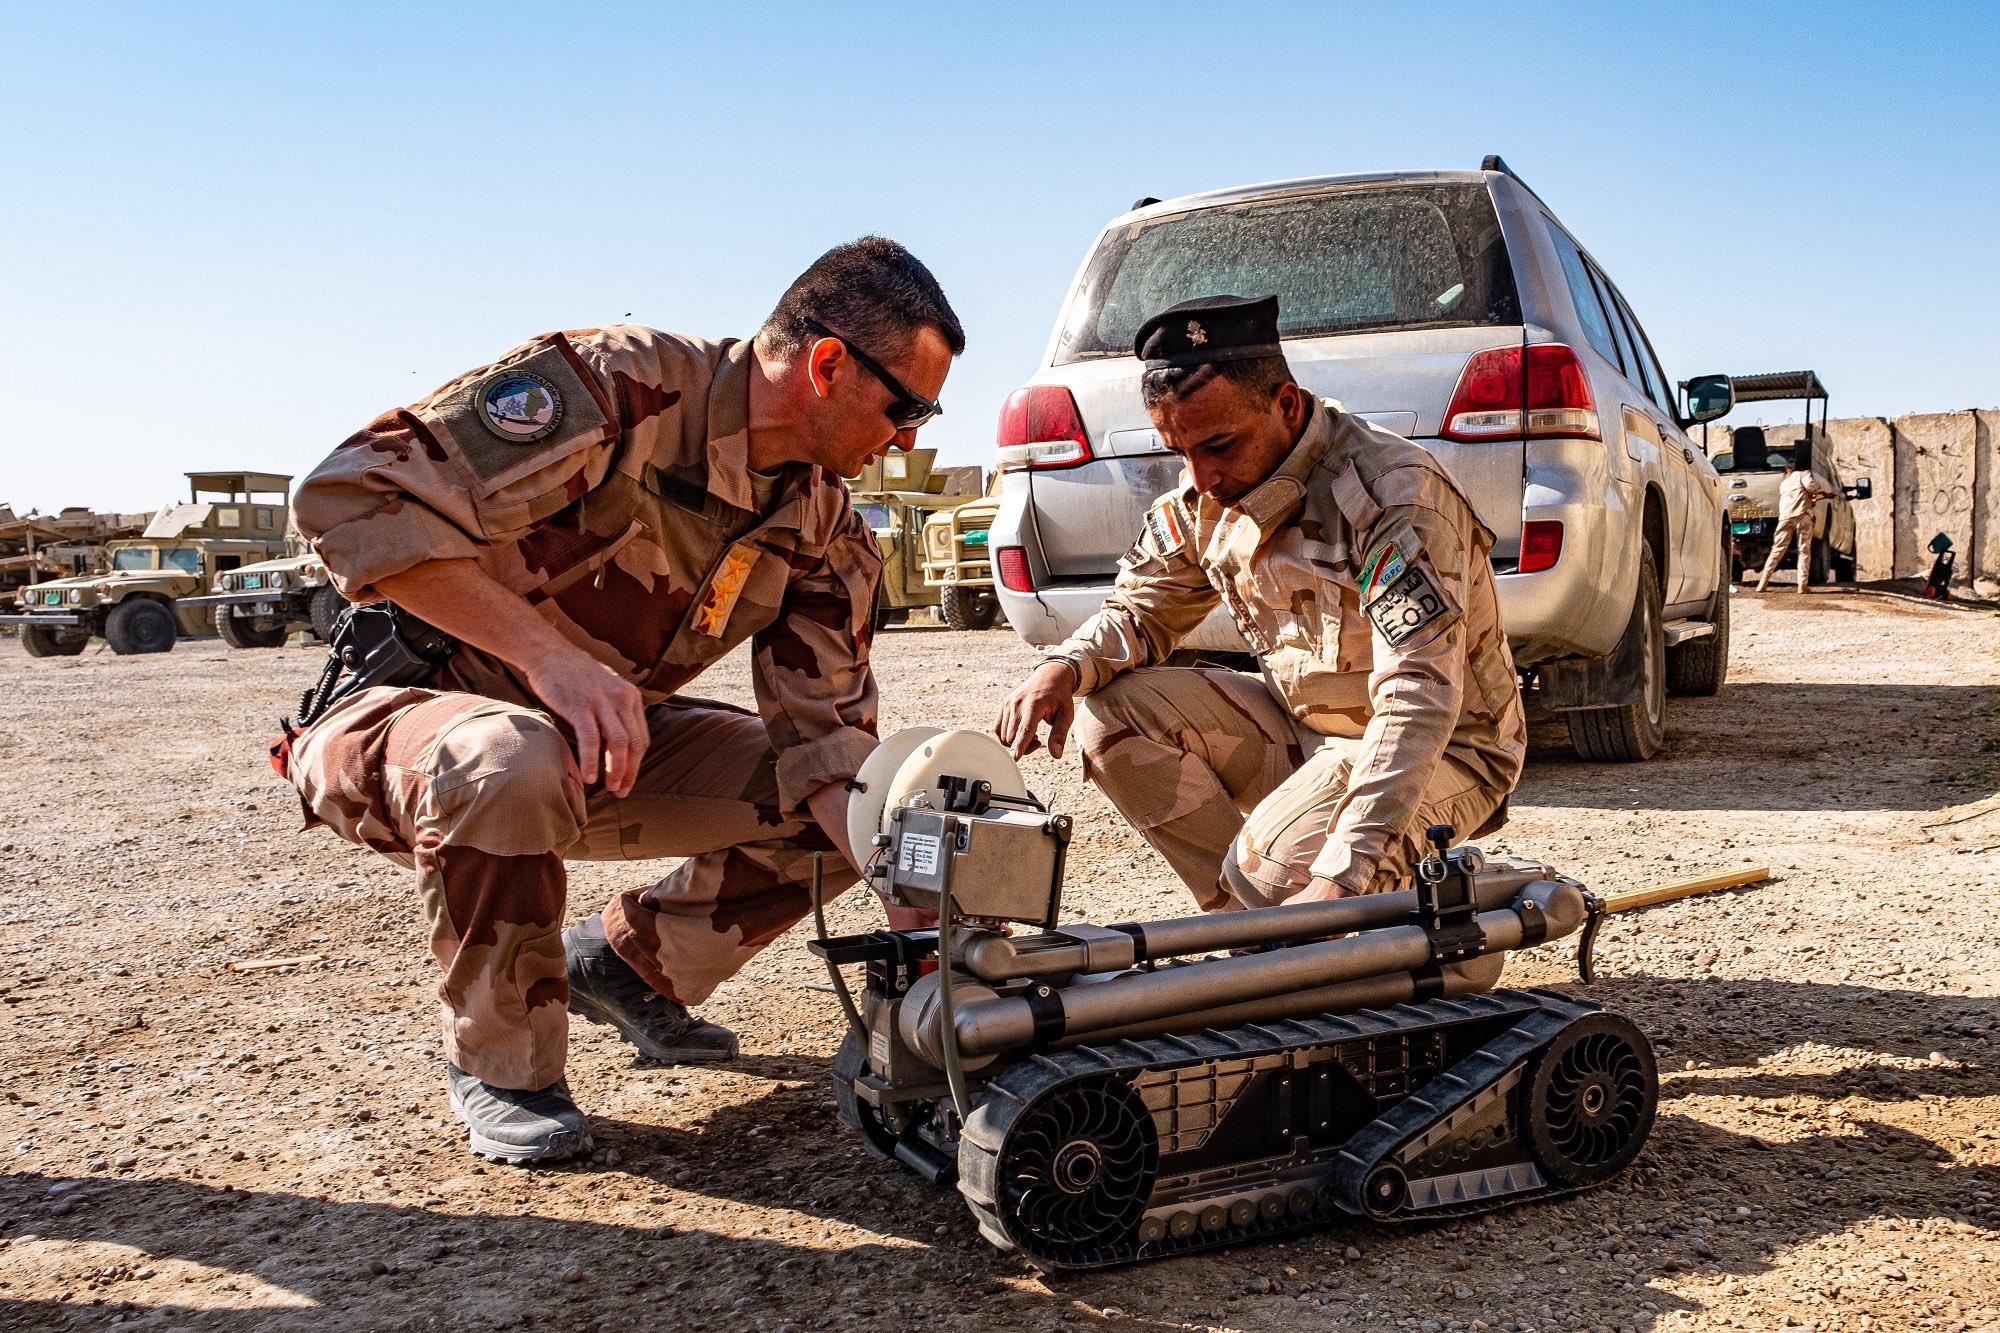 التحالف الدولي: فرنسا لا تزال ملتزمة بدعمها الجوي والمستشارين لمحارية داعش في العراق